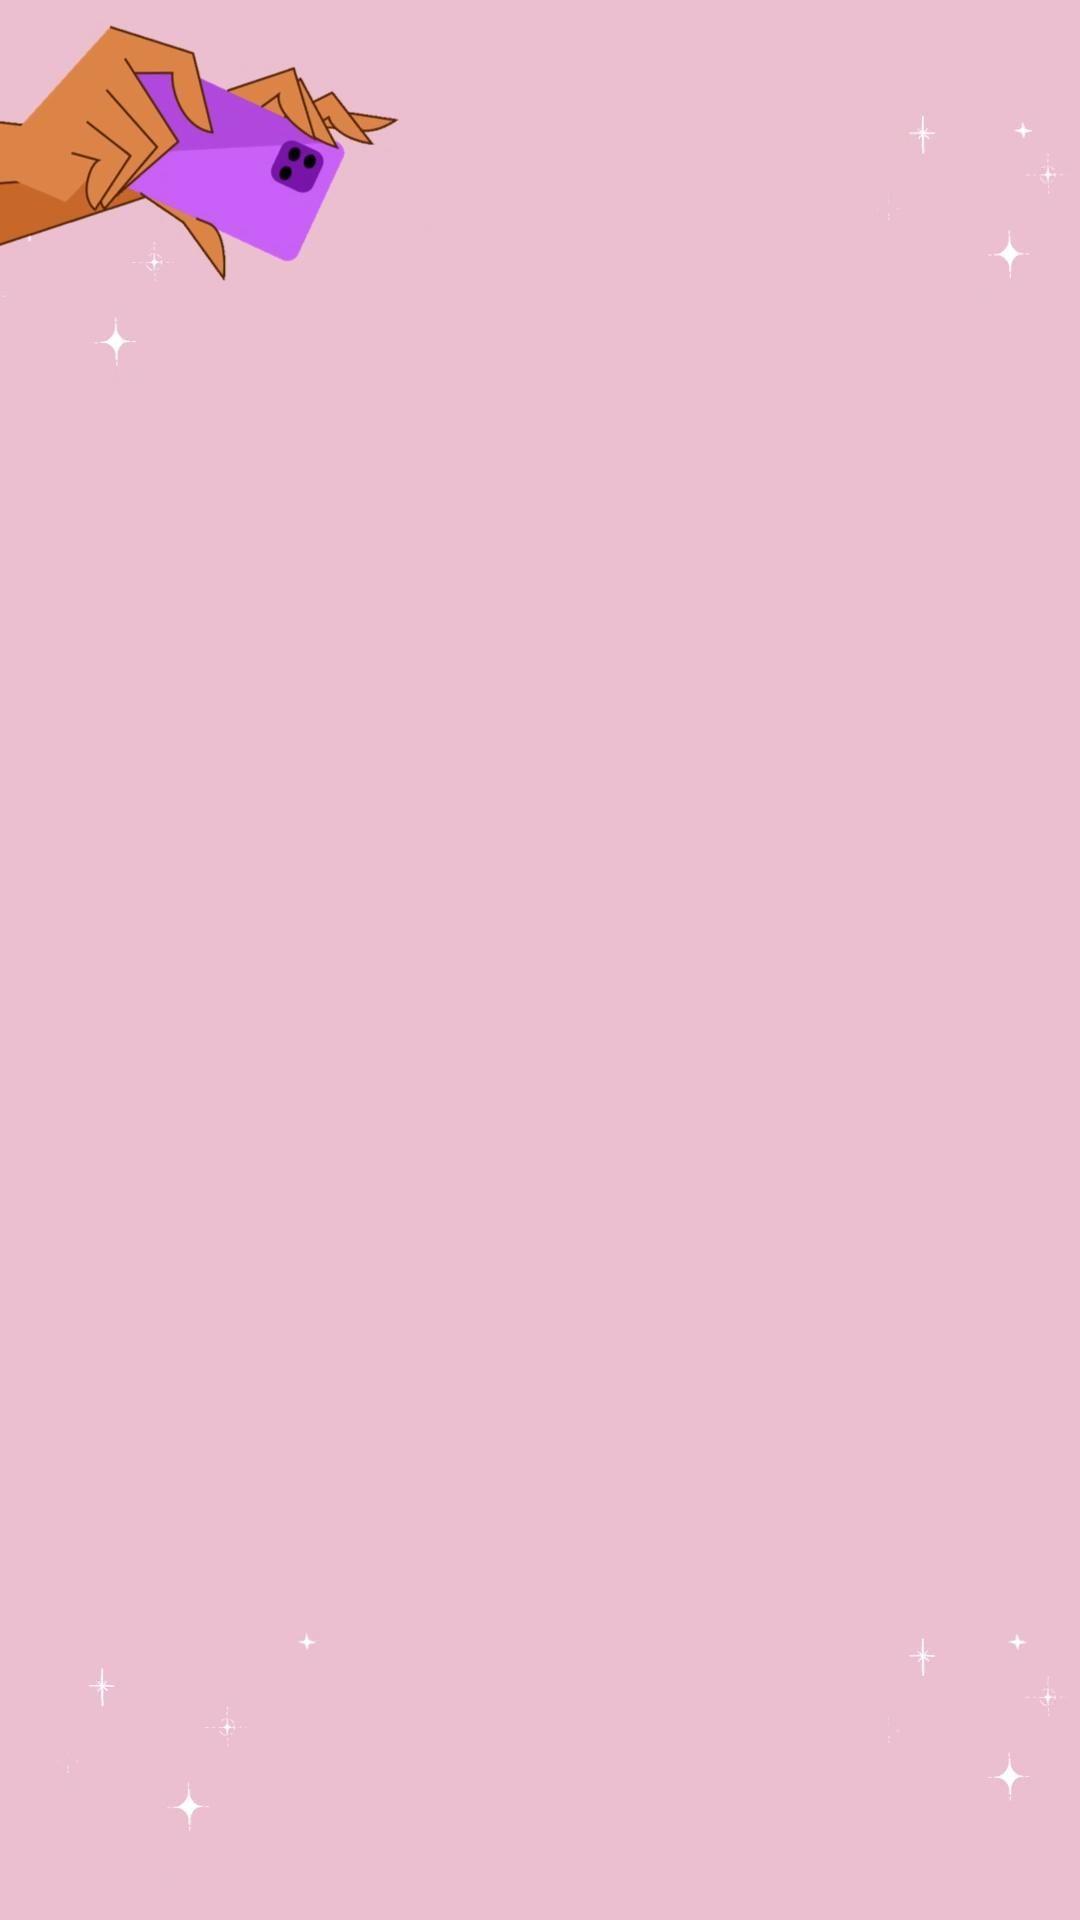 Fundo de STORYS criativo com brilho cor rosinha